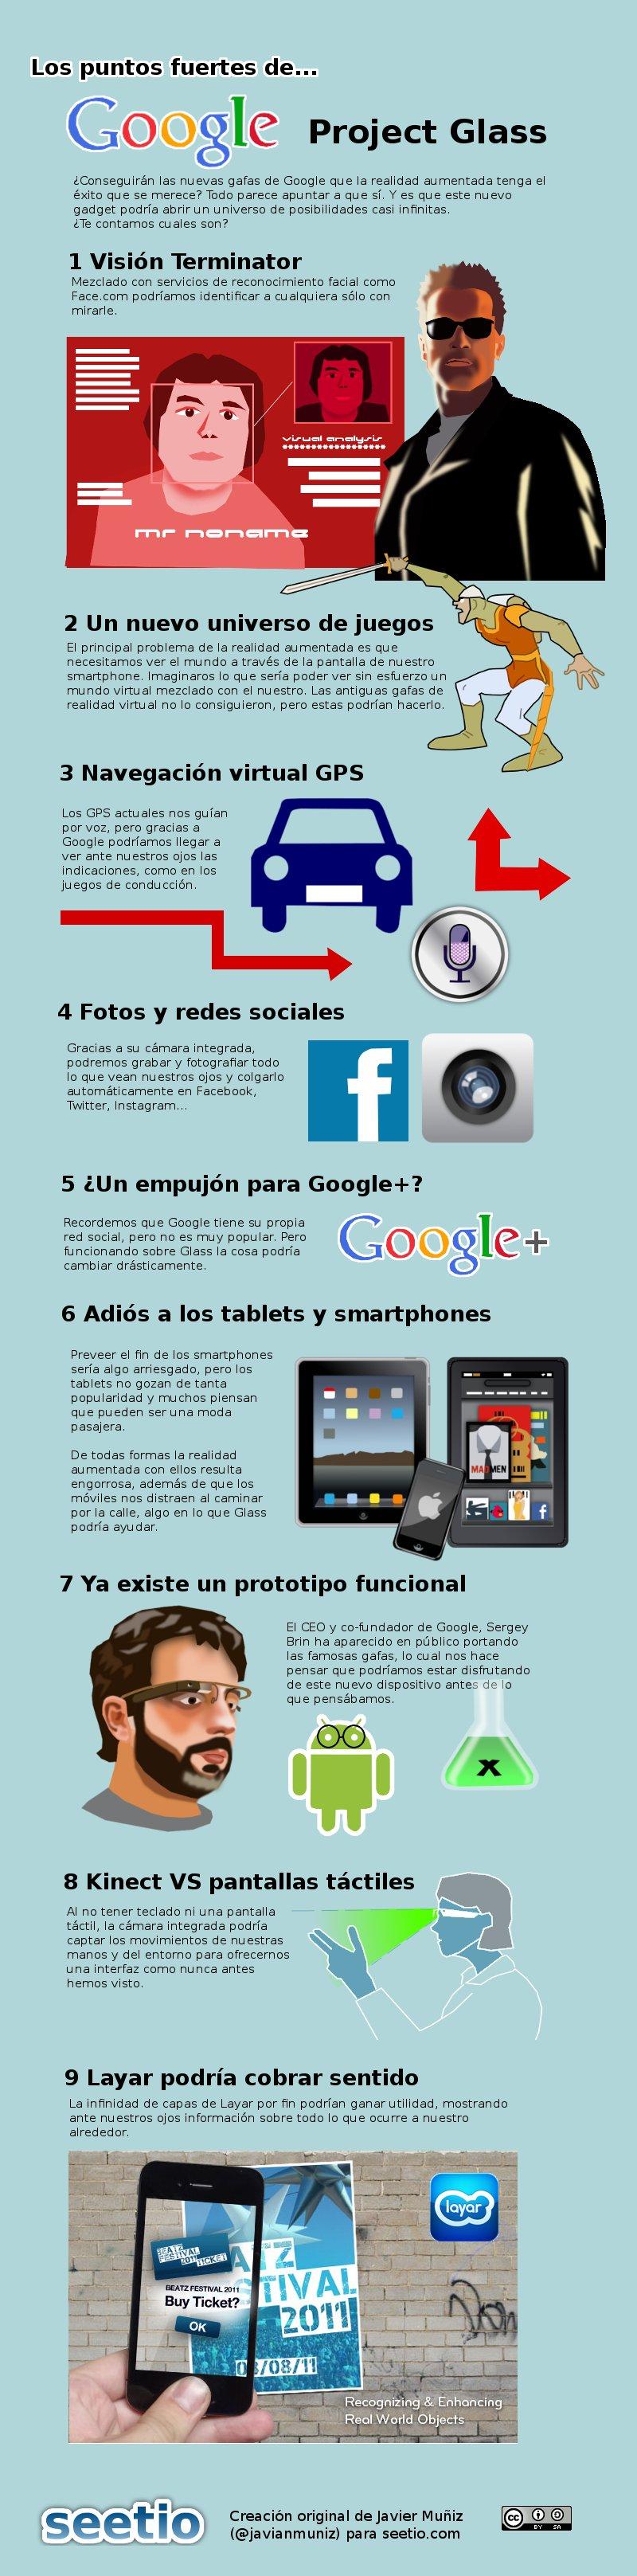 Infografia-google-glass